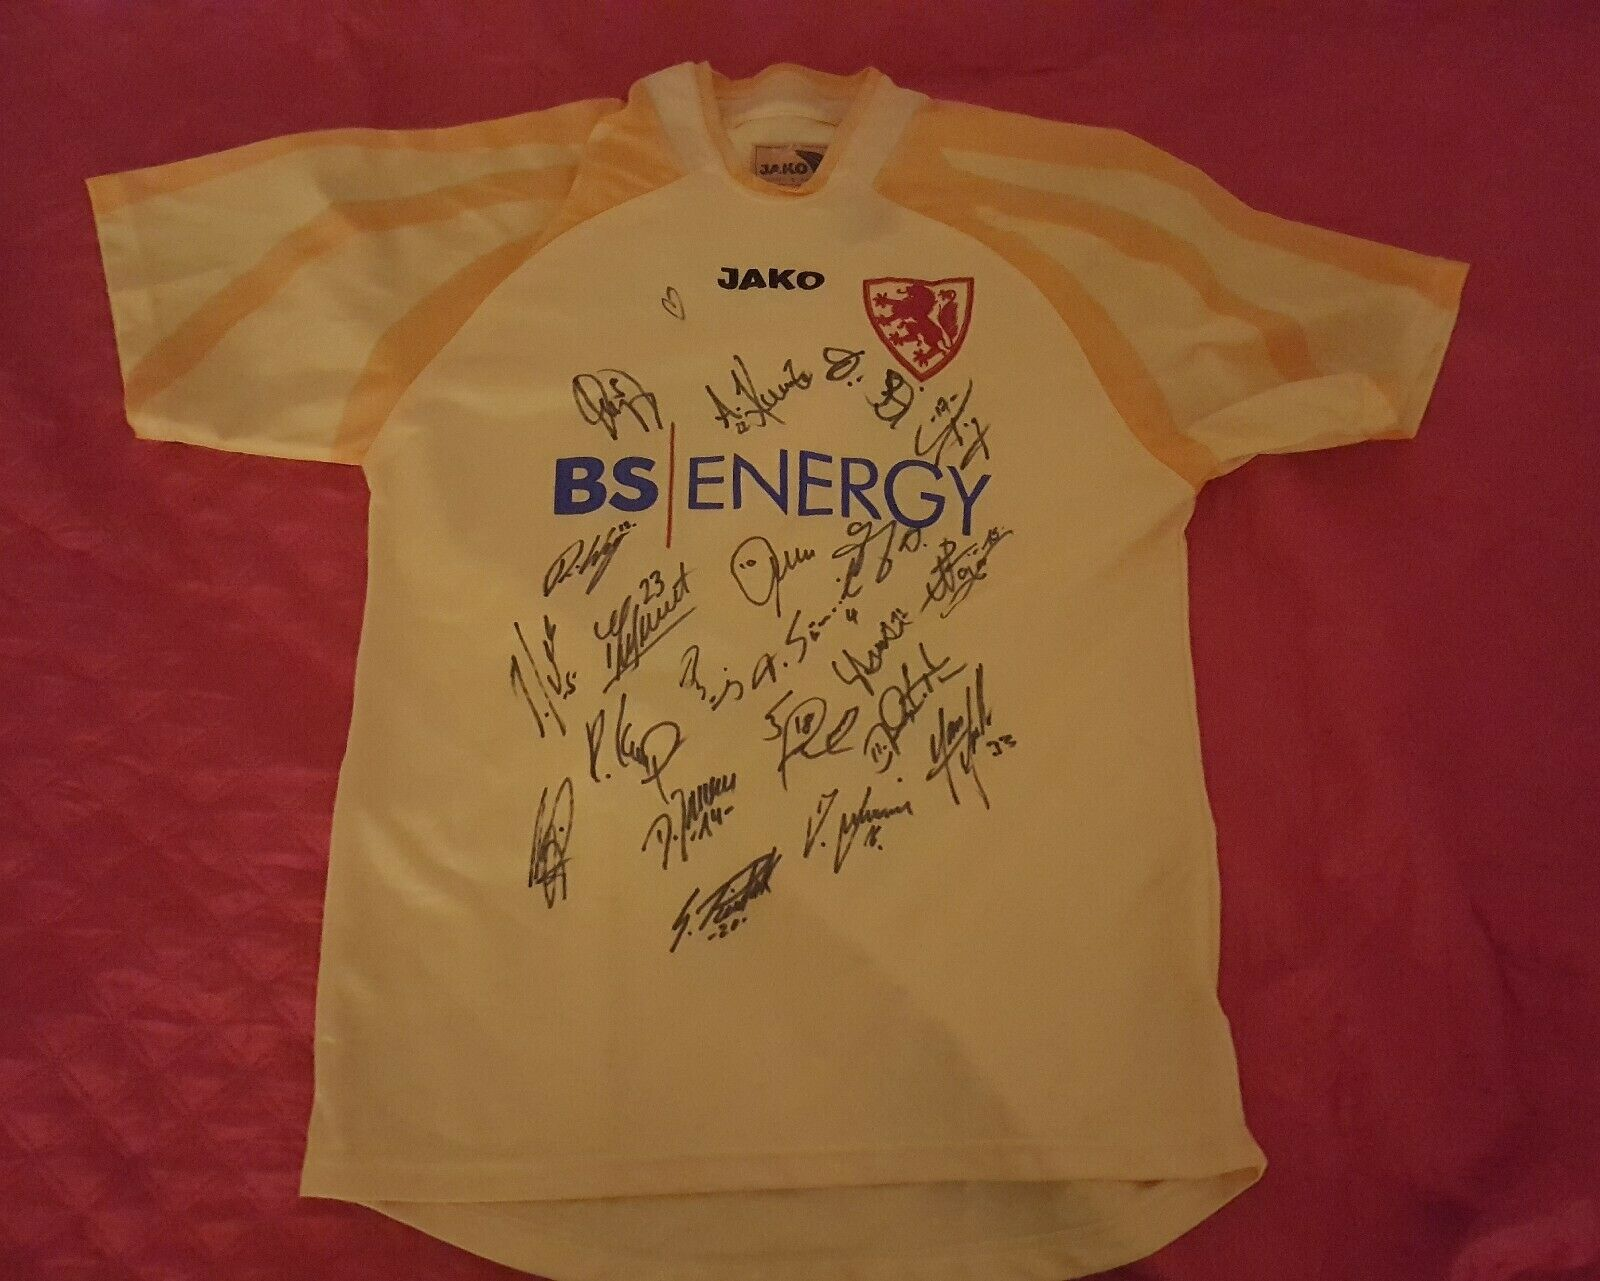 Eintracht marrónschweig Jako Trikot 2003 04  BS ENERGY  signed football shirt